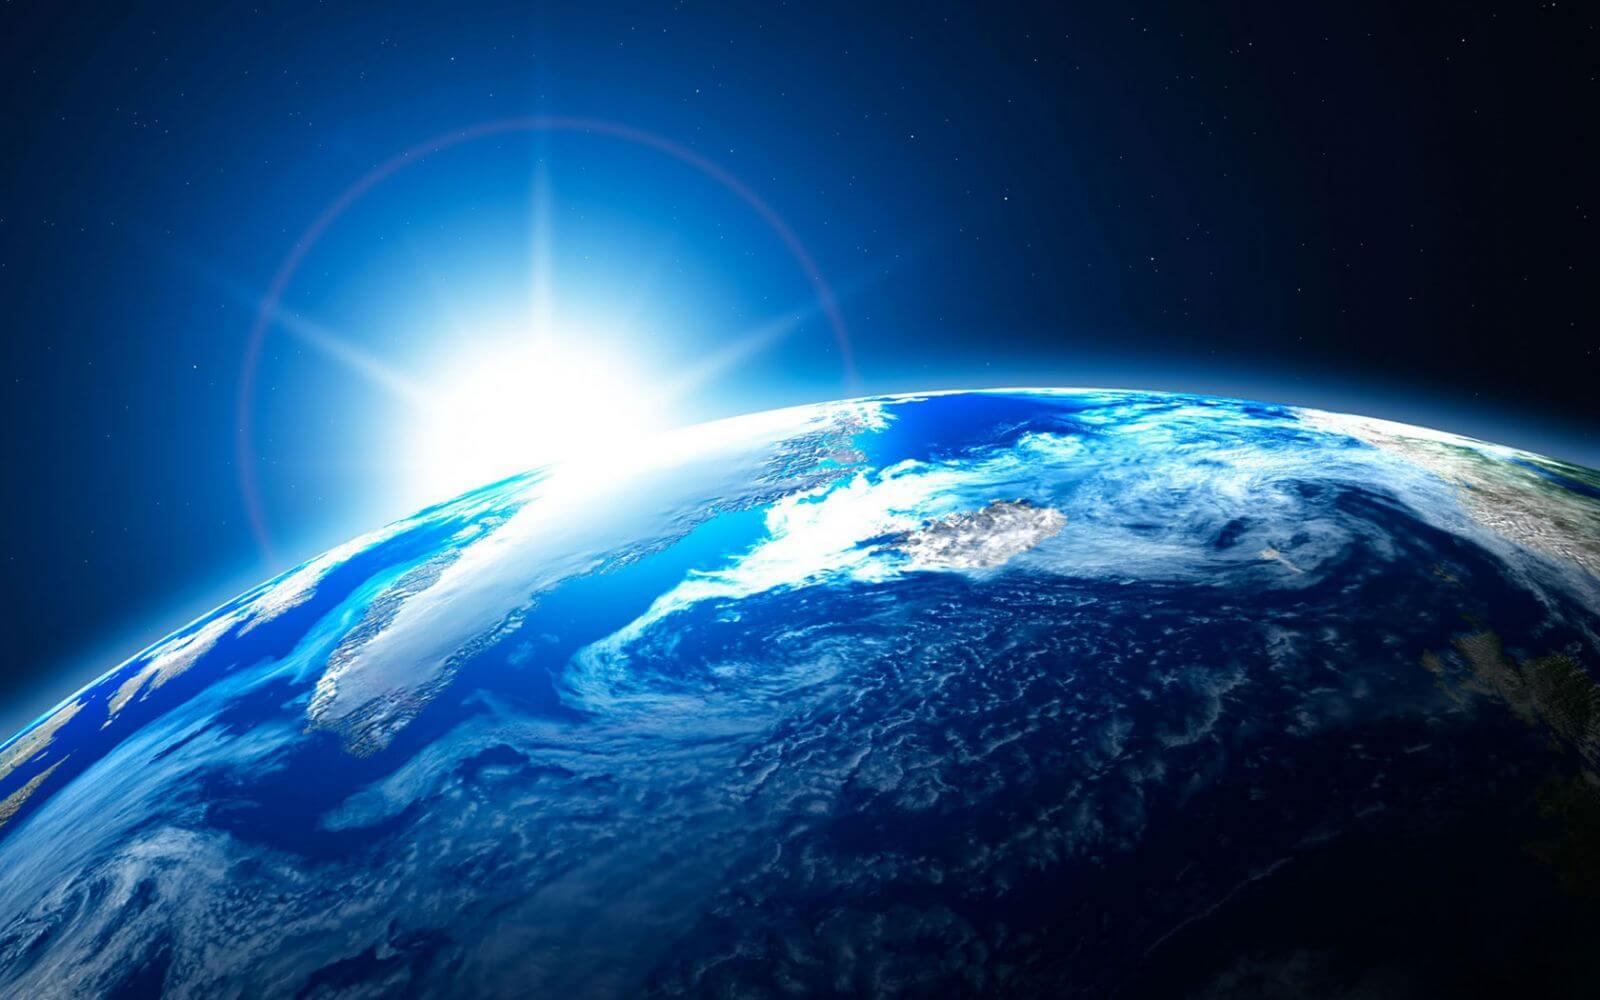 smt epic capa - Na onda da selfie: novo site da NASA oferece imagens diárias da Terra